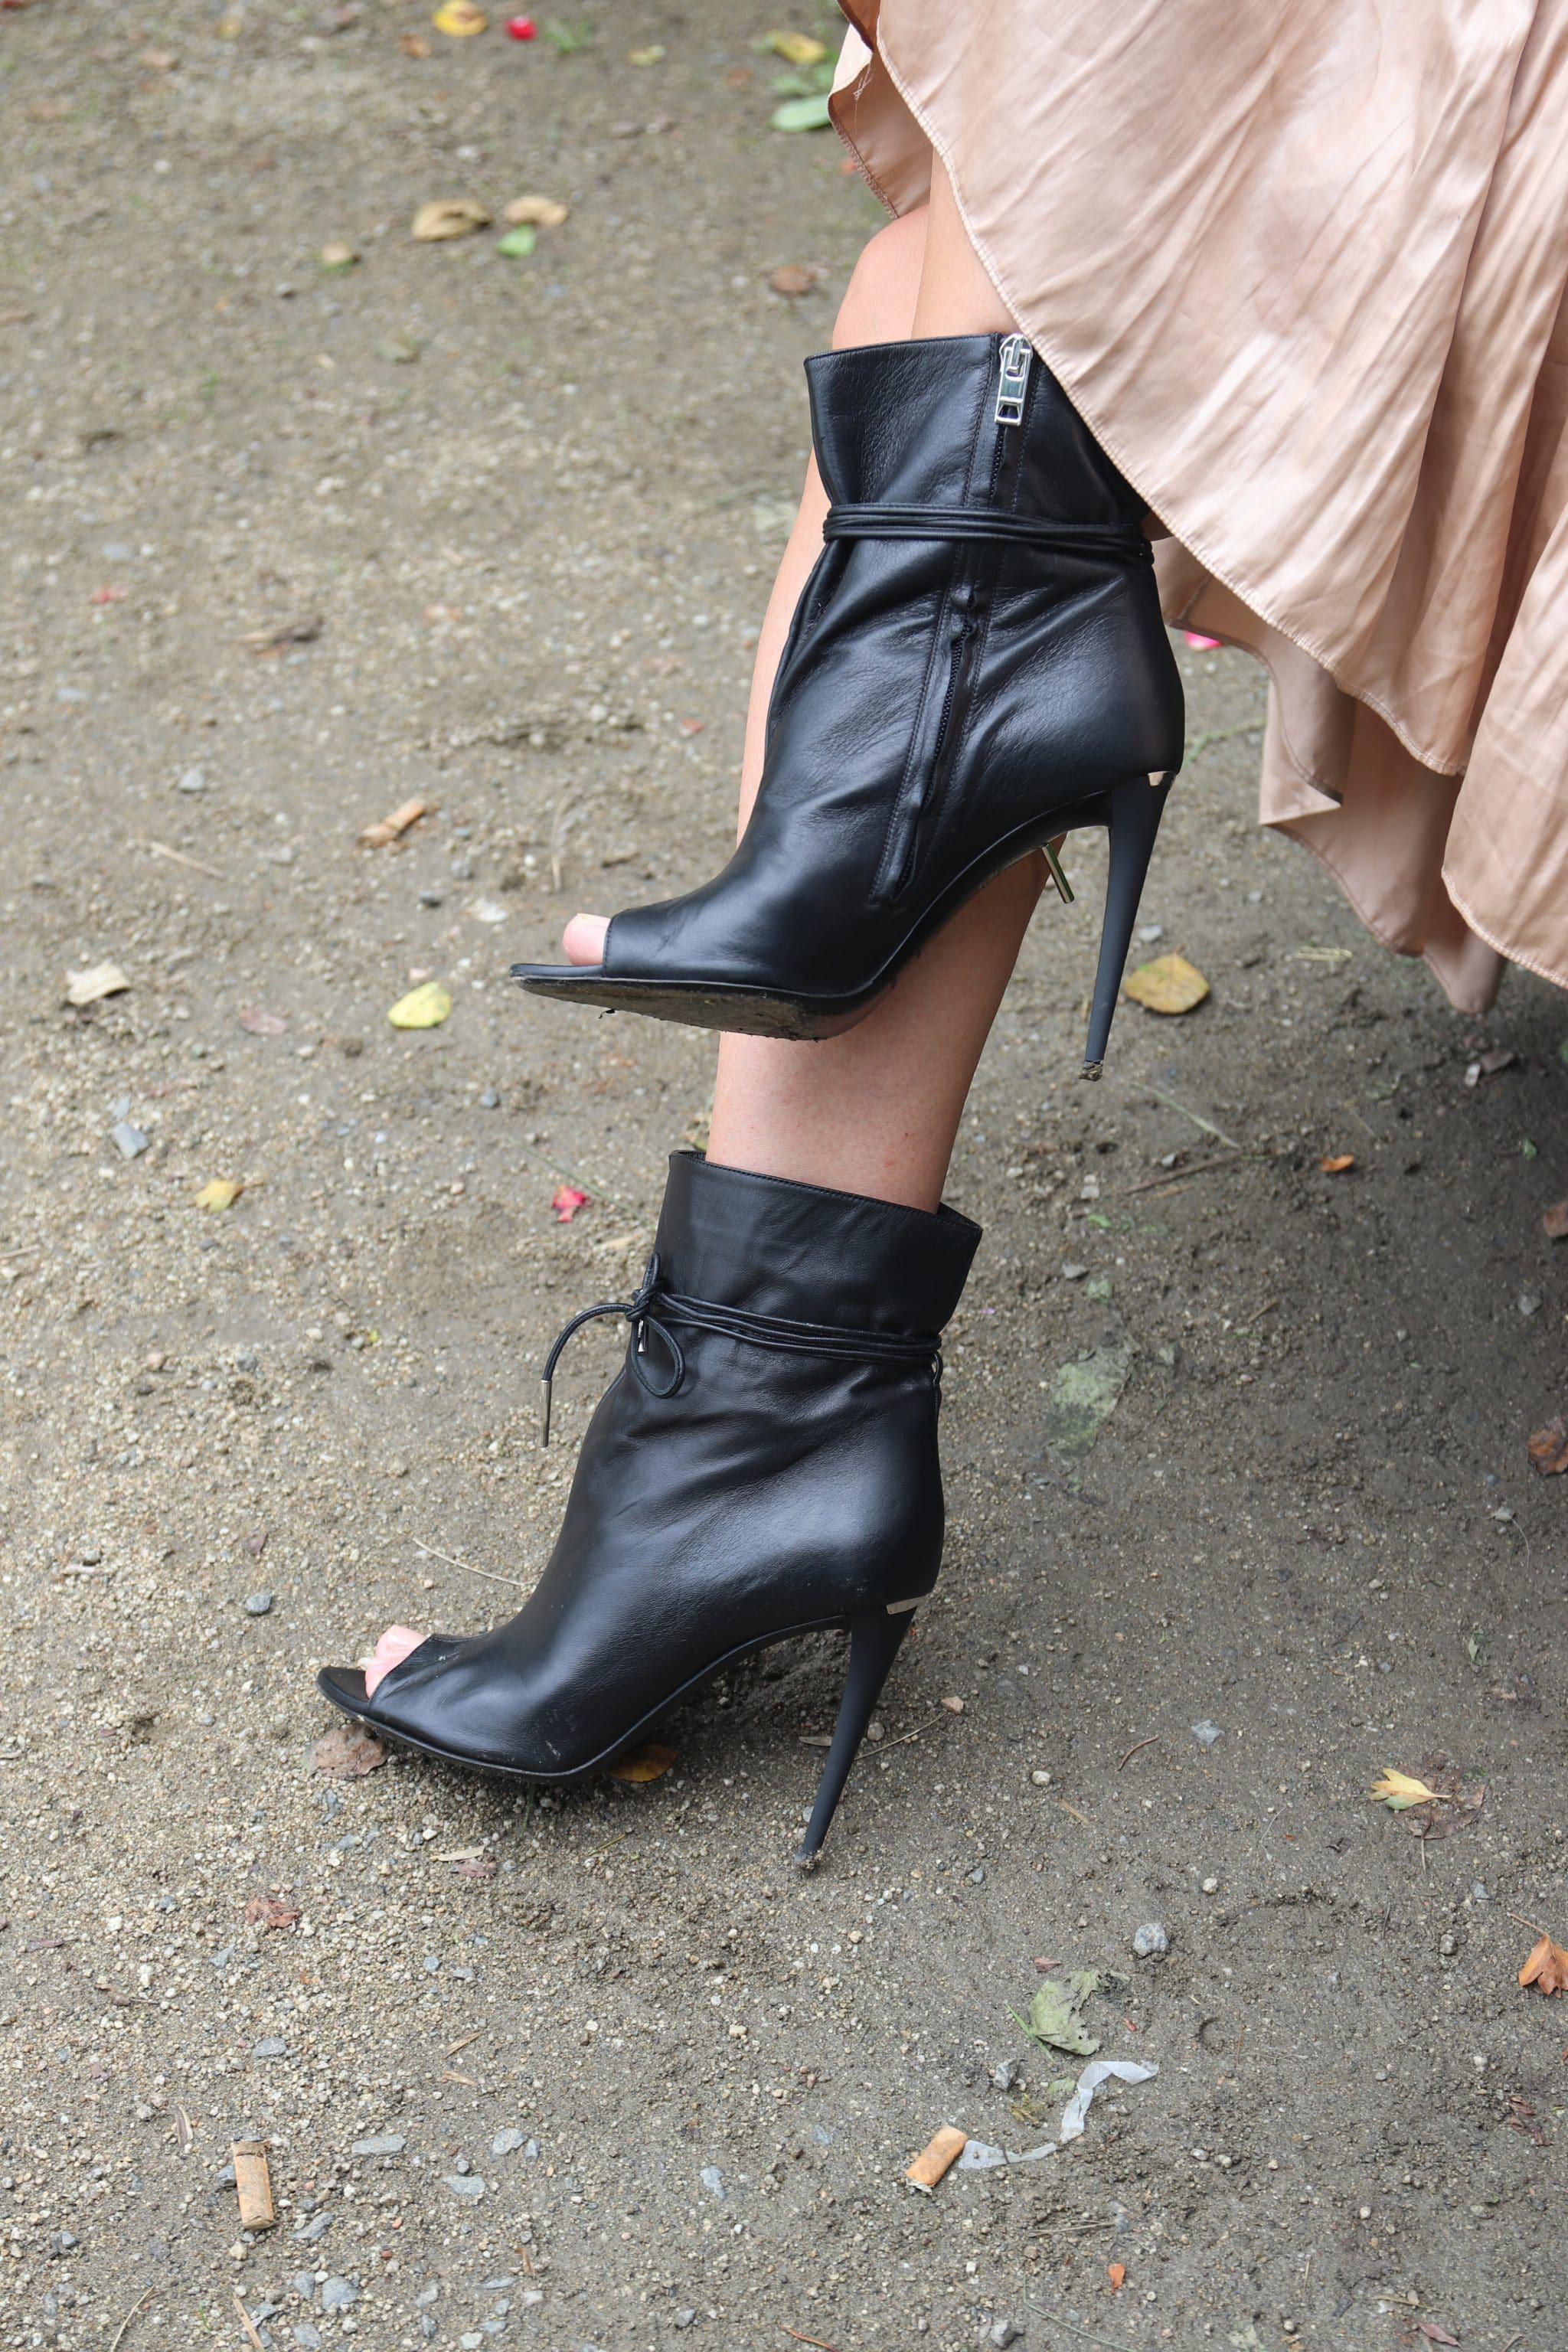 Sexy schwarze Highheels als Stiefeletten, die vorne offen sind, mit Mega-Absatz, zum Binden. © Copyright Bettina Katscher 2019